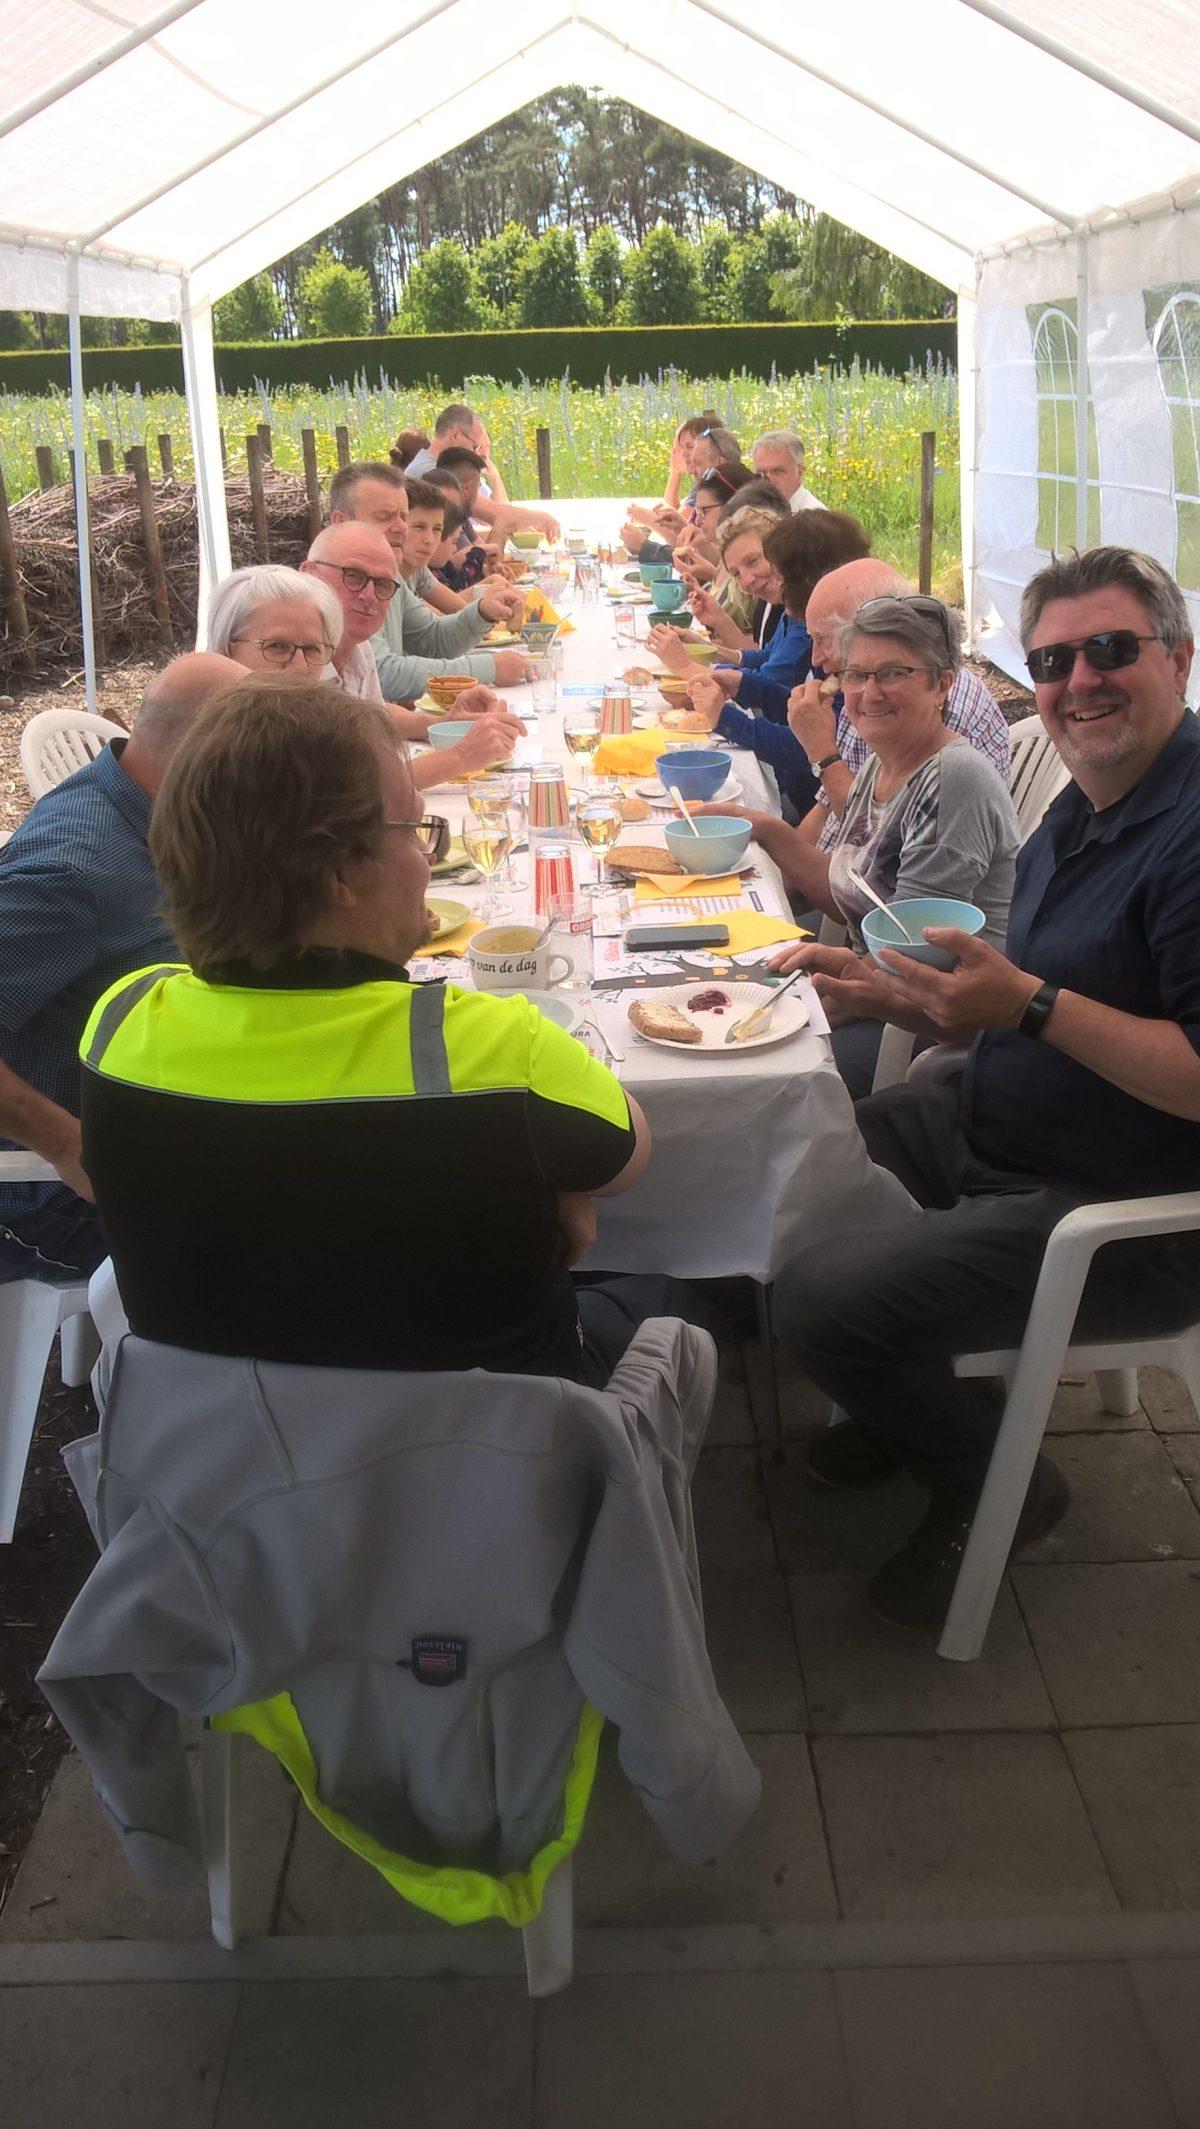 VZW De Tandem aan de Langste eettafel in Vredeshofkes